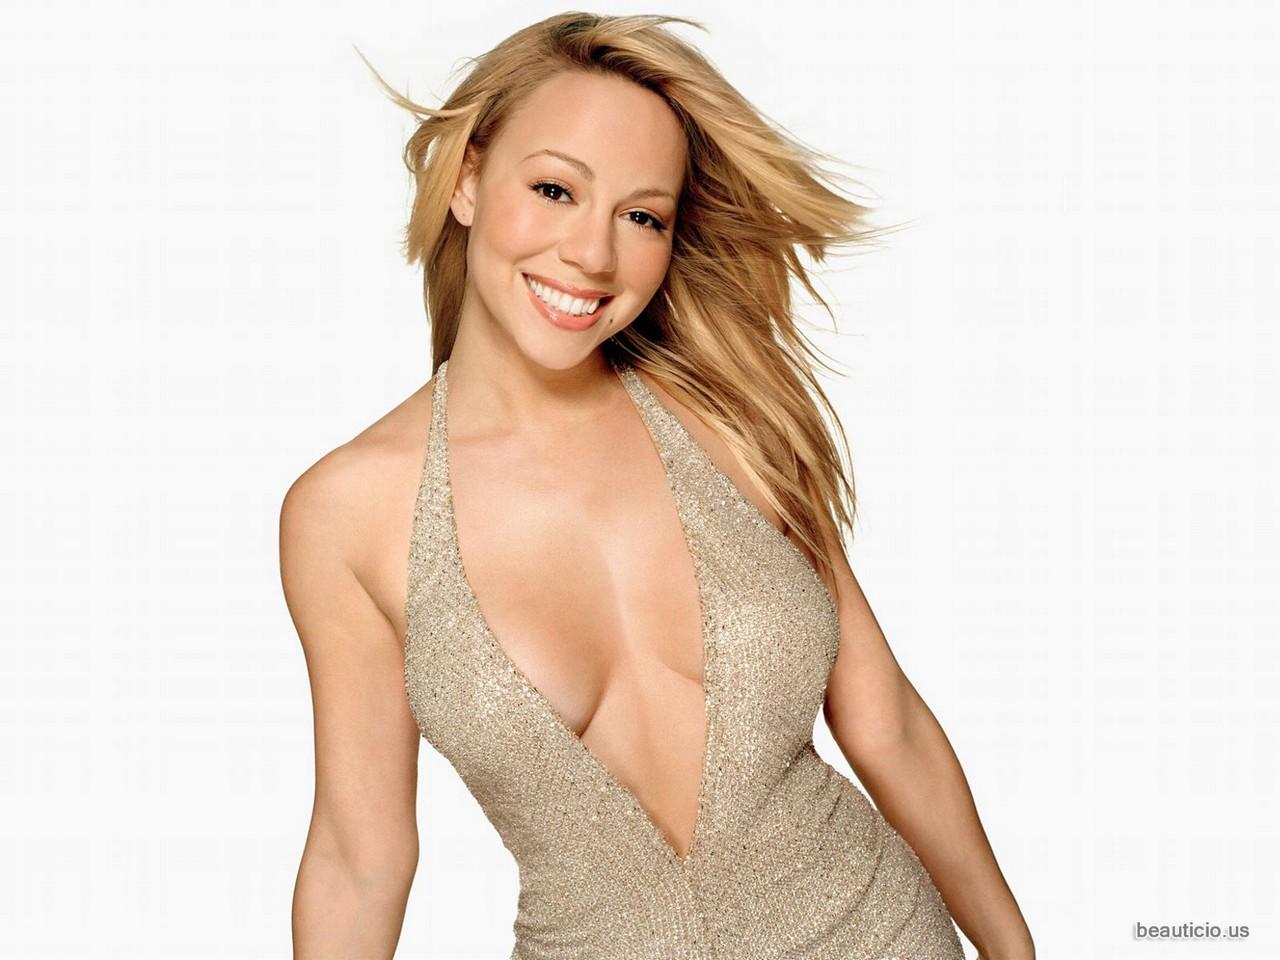 Mariah Carey Body Pics